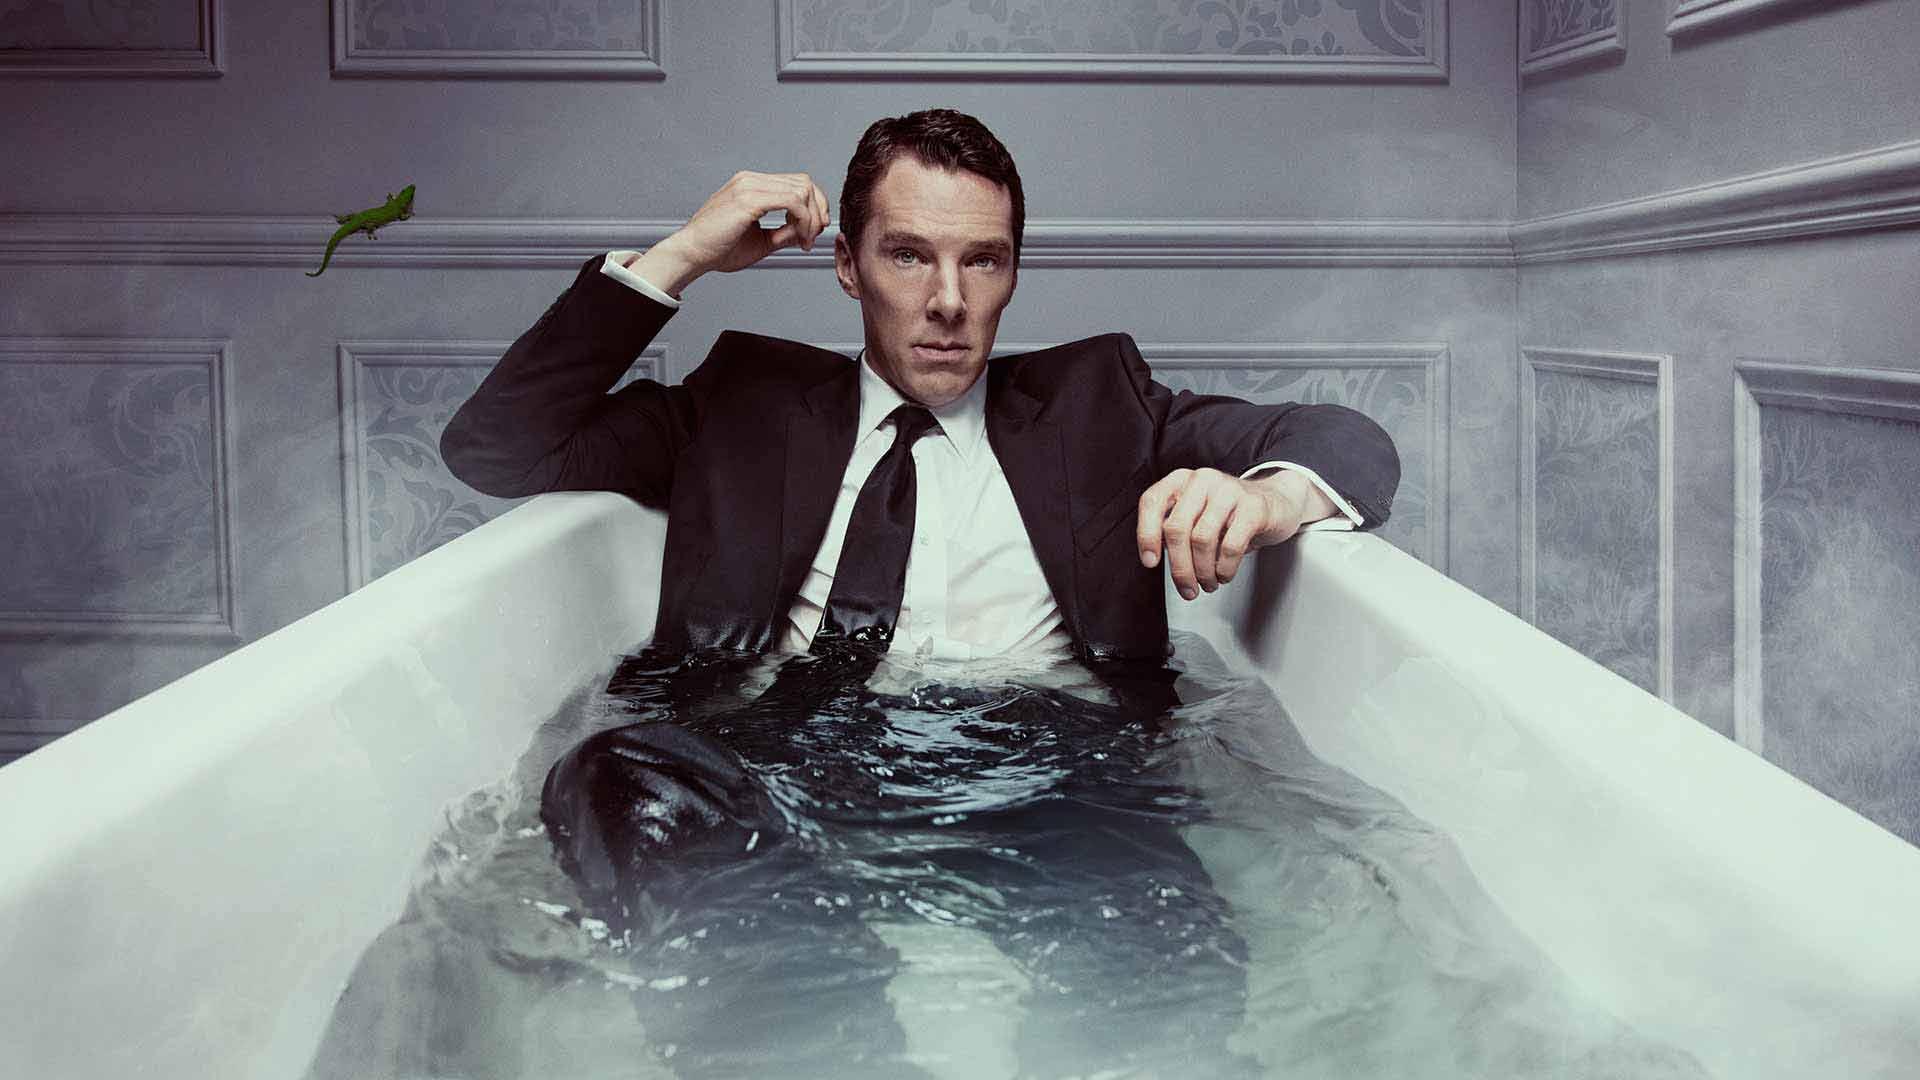 Benedict Cumberbatch as Patrick Melrose in a suit in a bath